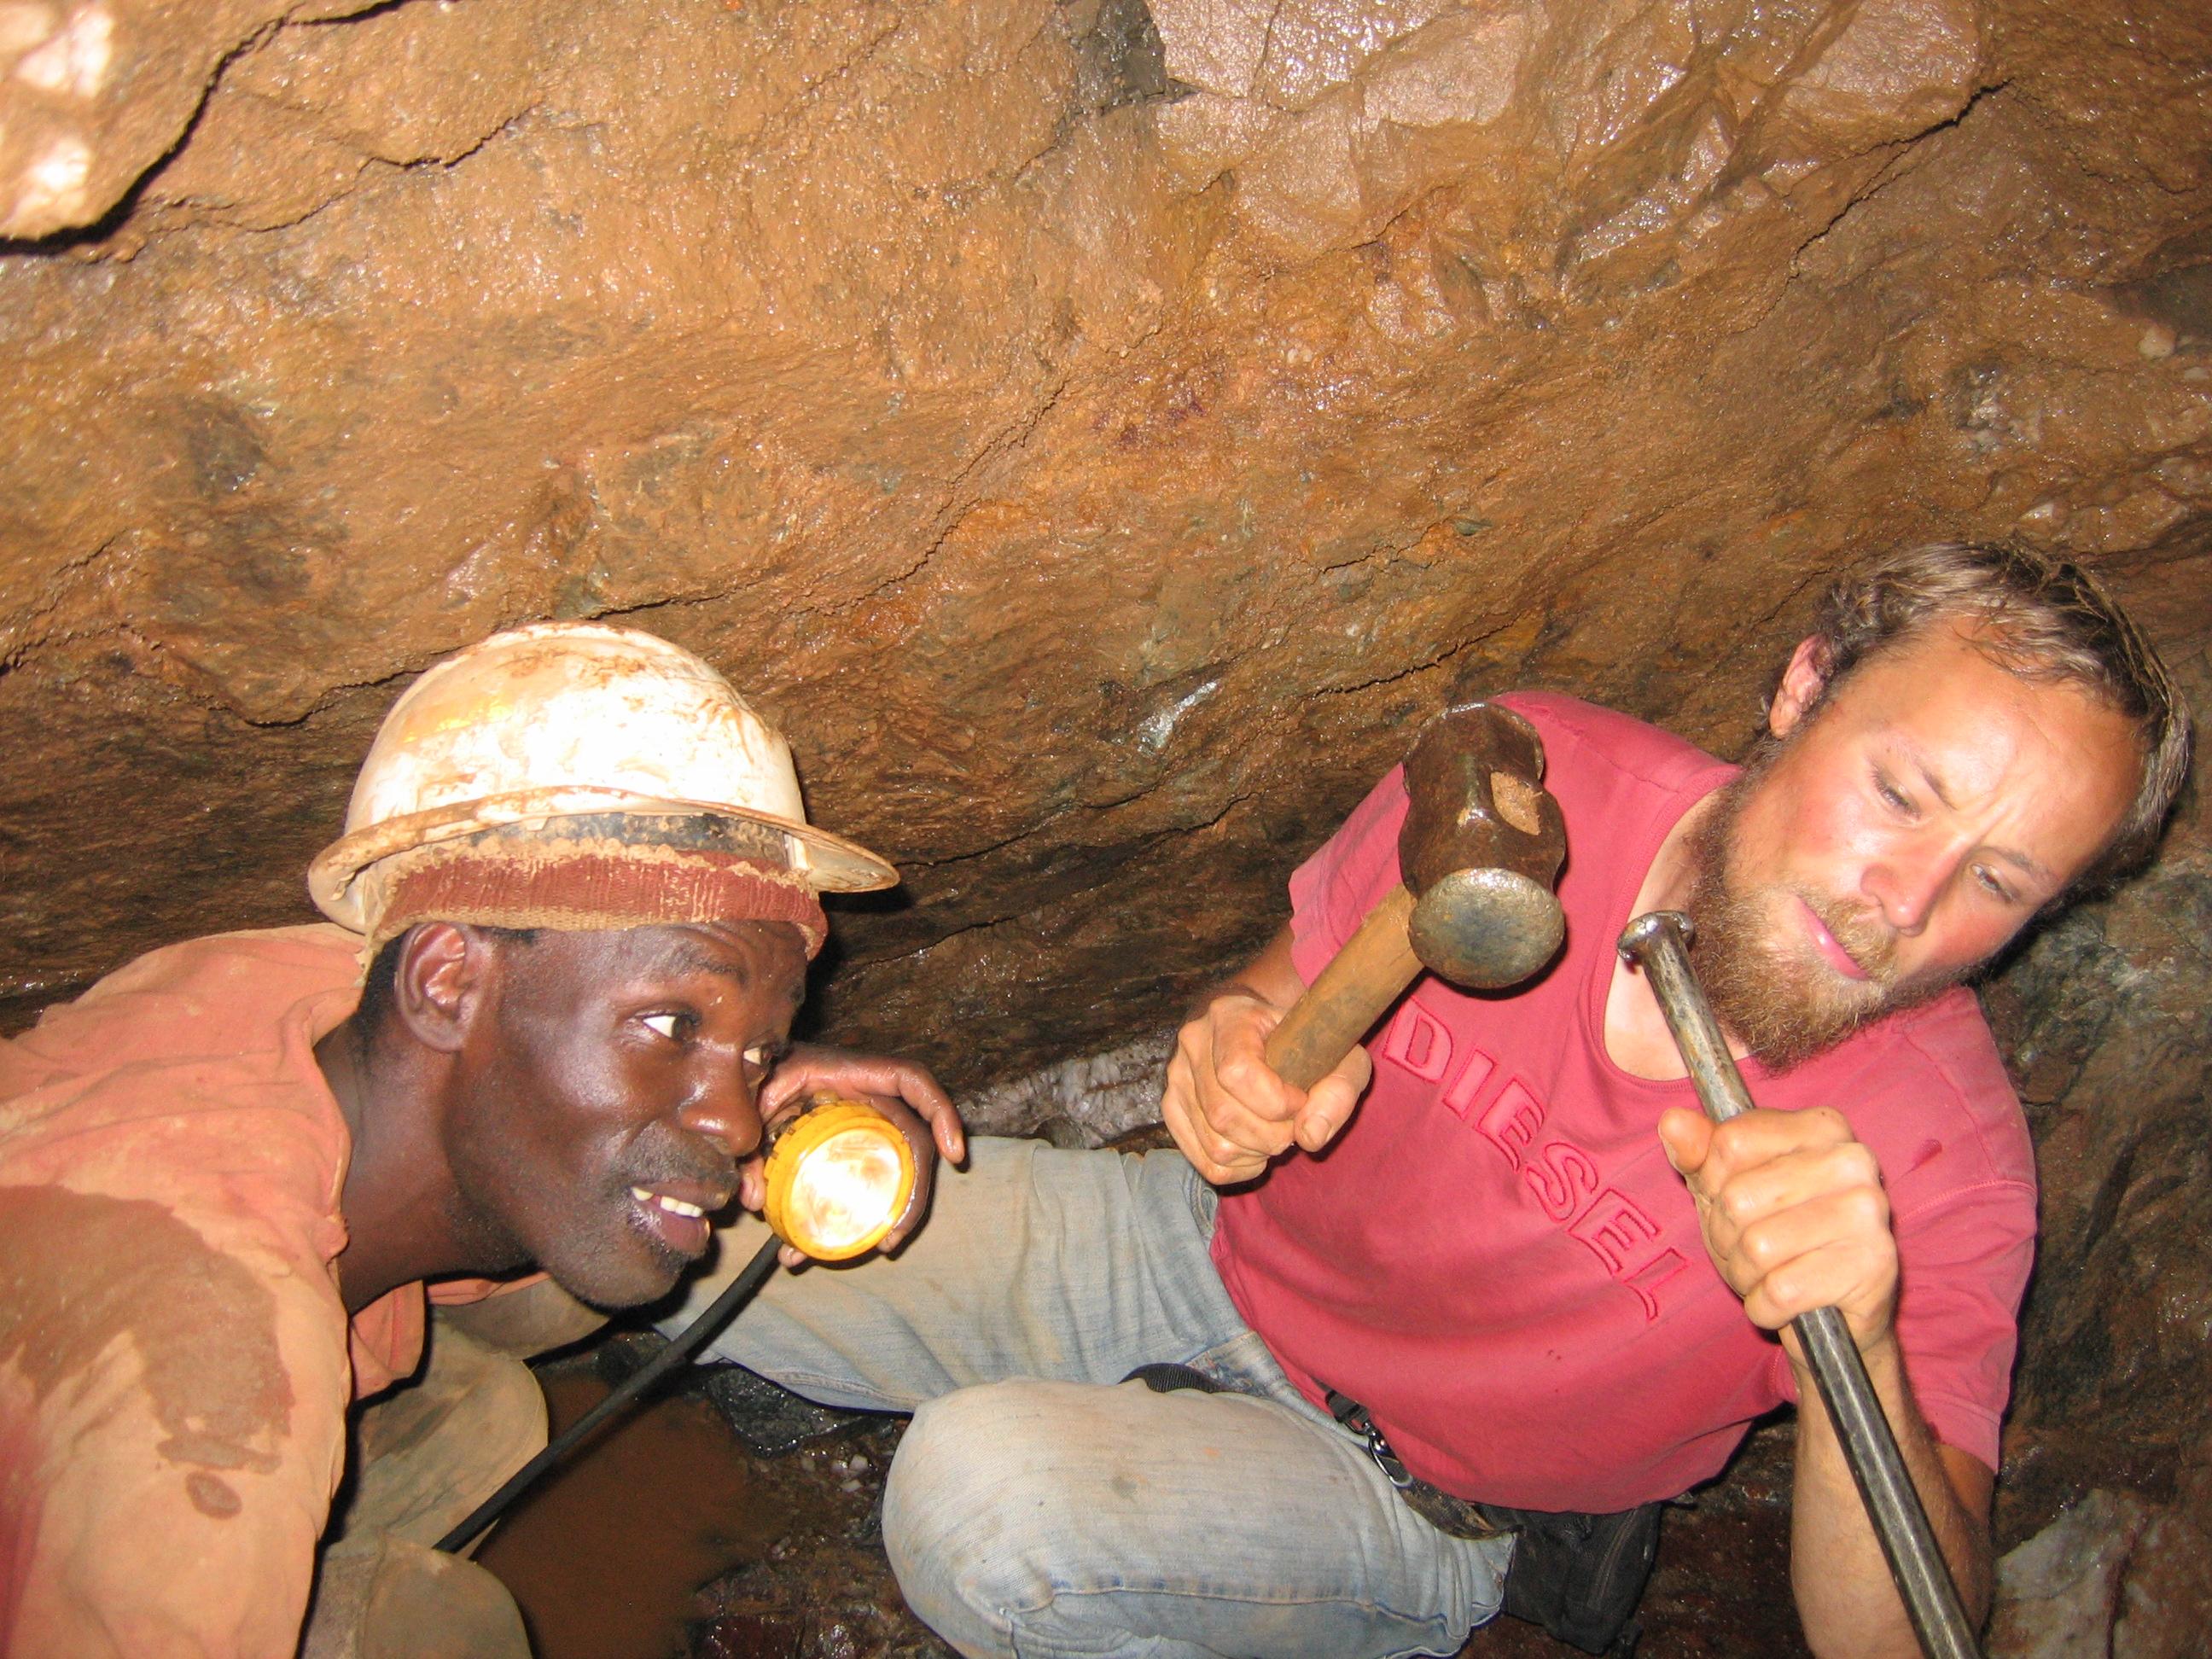 Knochen-Arbeit: Simbabwe. Goldabbau im Schacht.